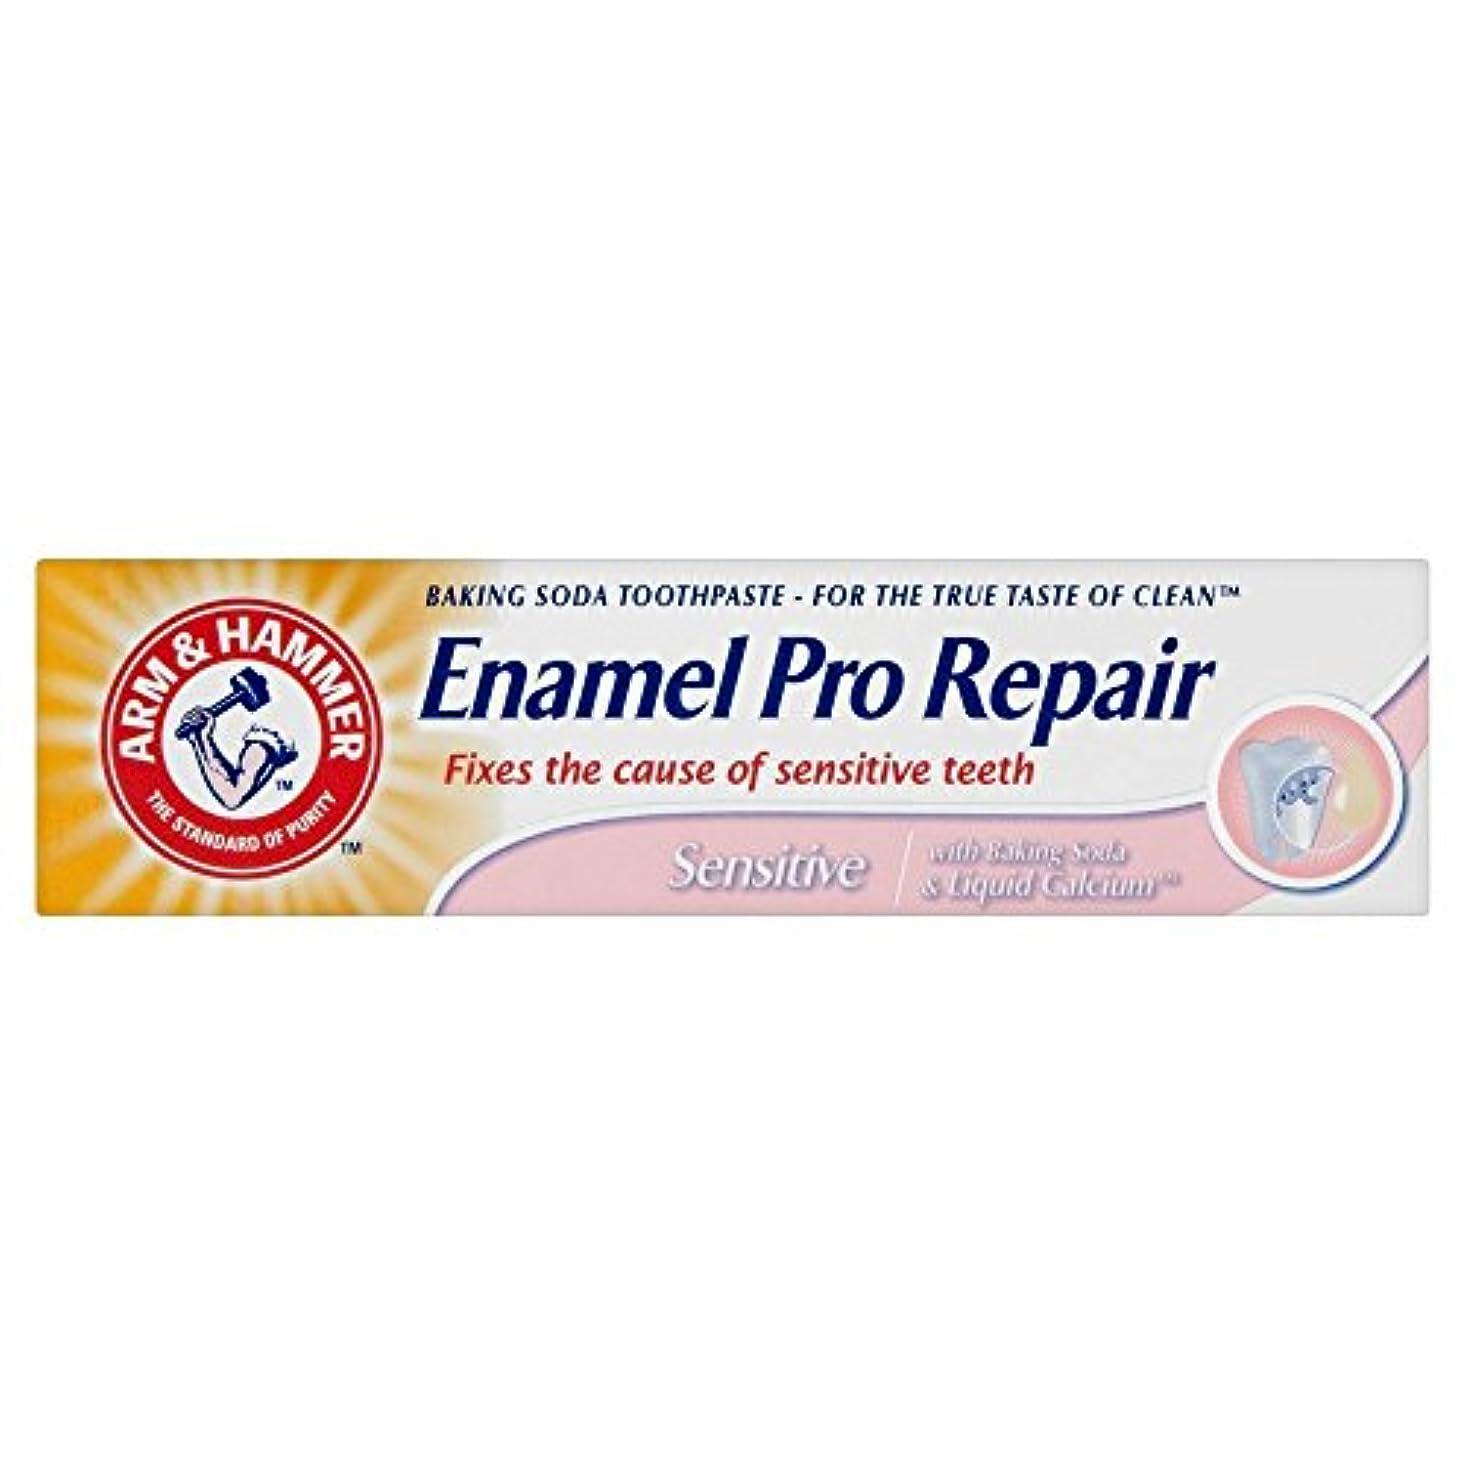 溶けた海峡作家Arm & Hammer Enamel Care Sensitive Toothpaste Tube (75ml) アームとハンマーエナメルケア敏感歯磨き粉のチューブ( 75ミリリットル) [並行輸入品]